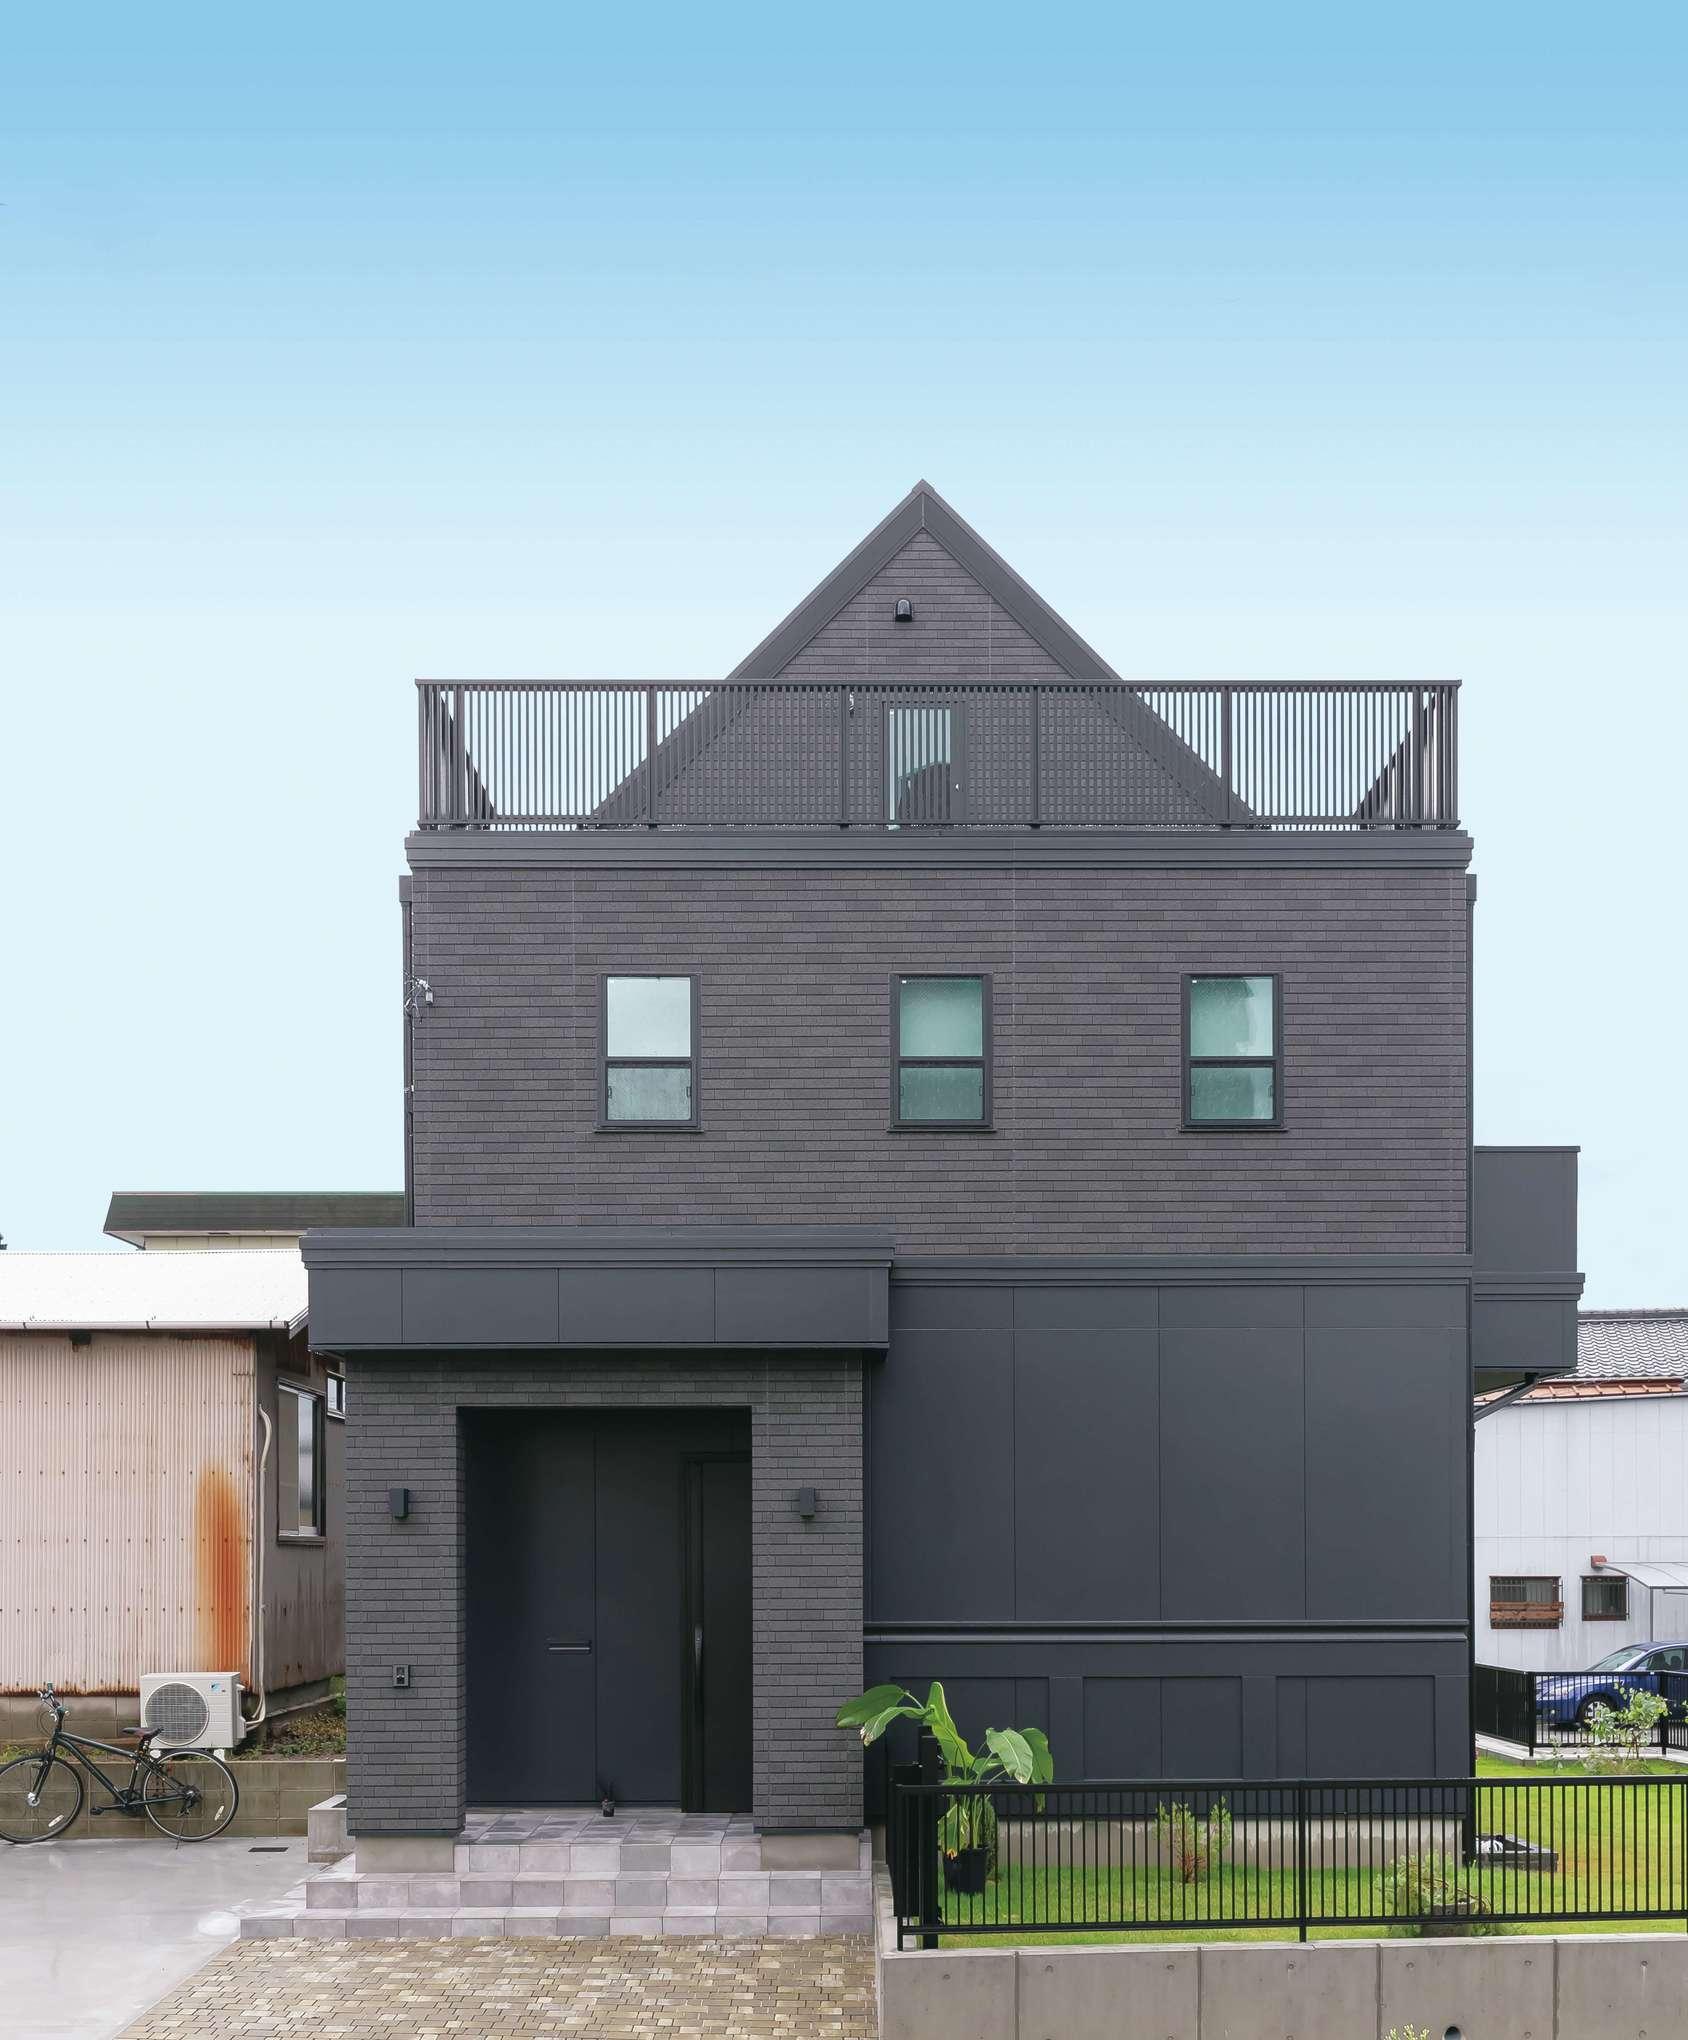 丸昇彦坂建設【1000万円台、デザイン住宅、子育て】住宅街でひときわ目を惹く独創的な外観フォルム。ブラックの壁に緑の芝生が映える